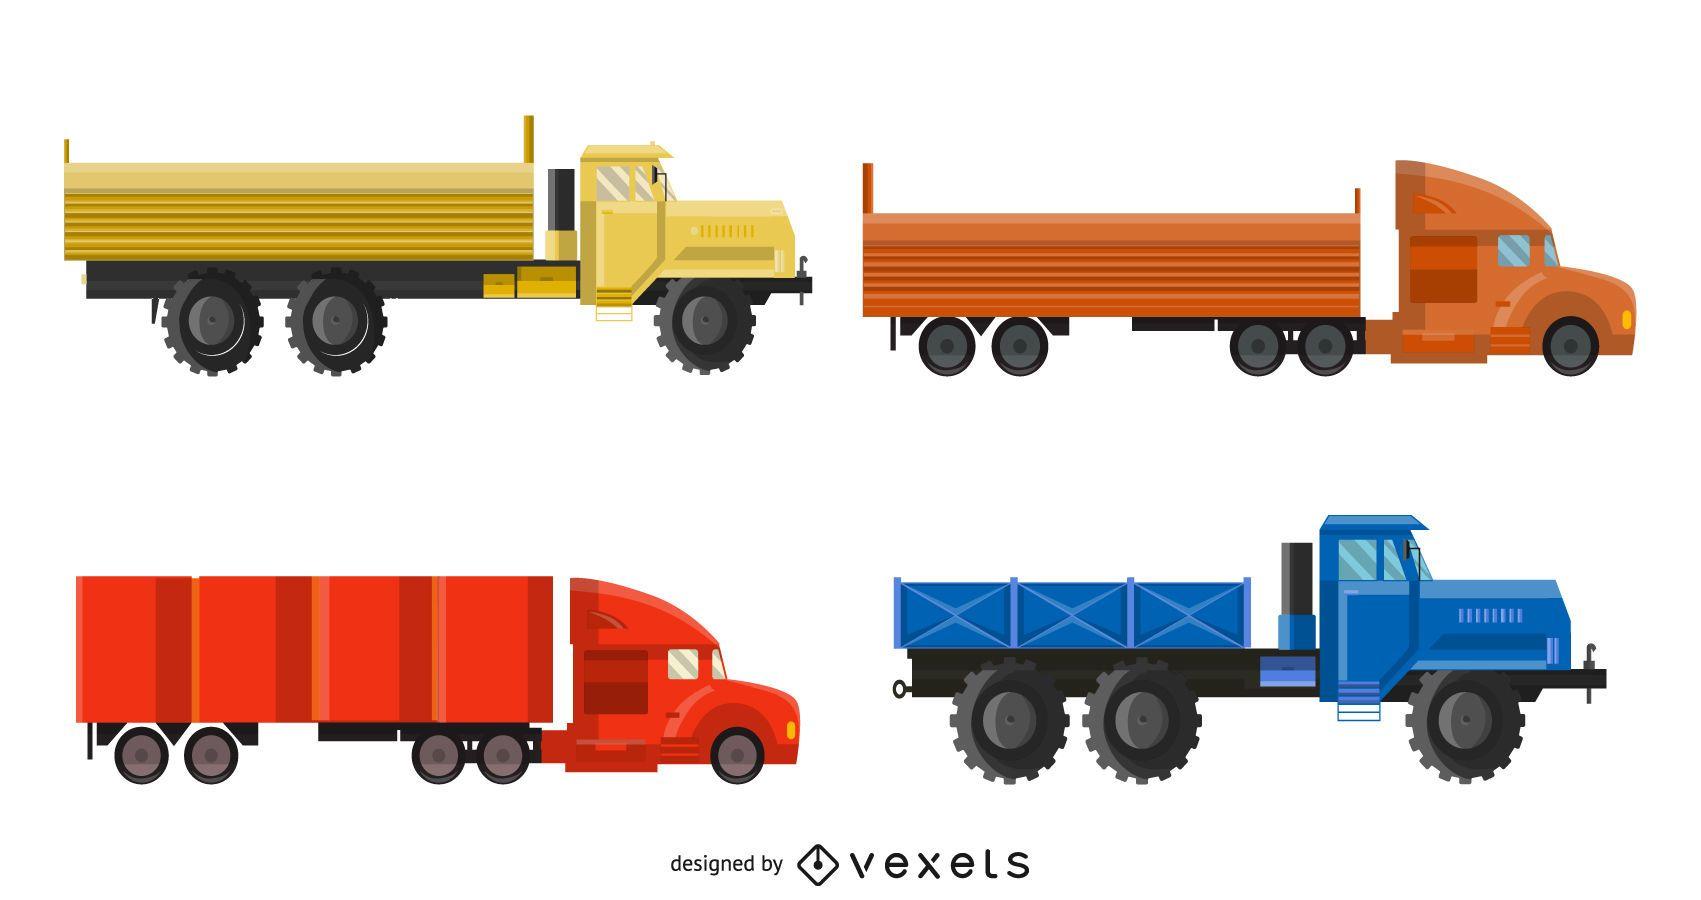 Paquete de camiones de envío fotorrealistas